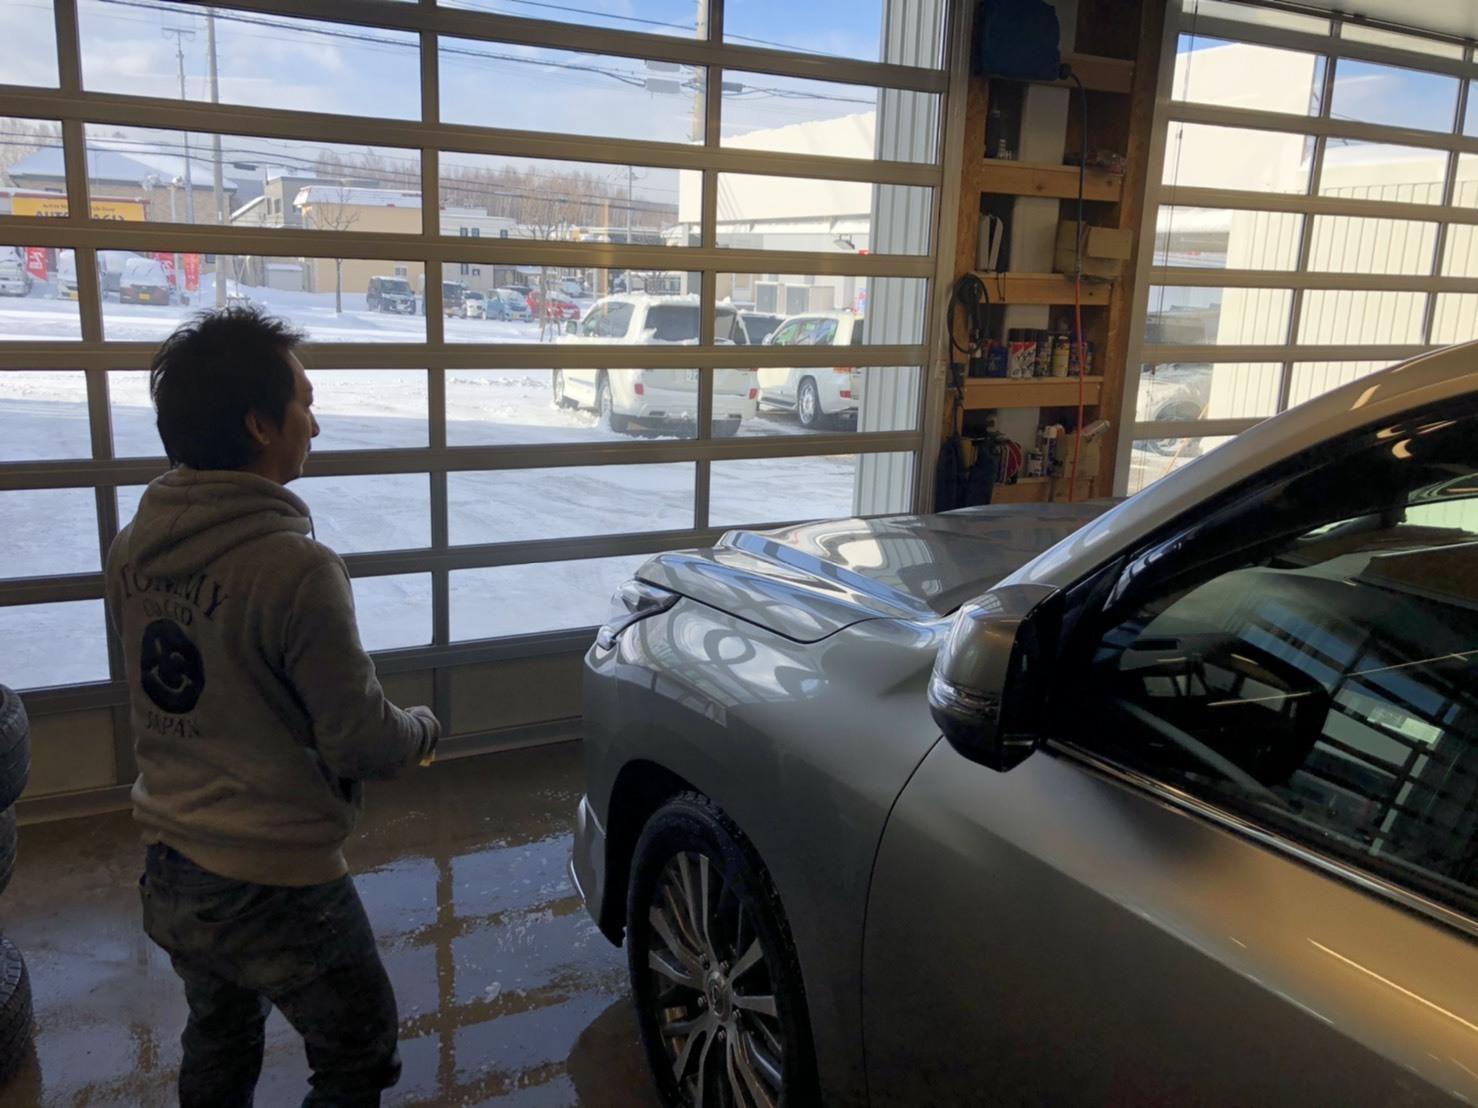 1月25日(日)O様新車タント納車☆エスカレード ゼロデザインあります✊レクサス ランクル ハマー TOMMY_b0127002_18420155.jpg